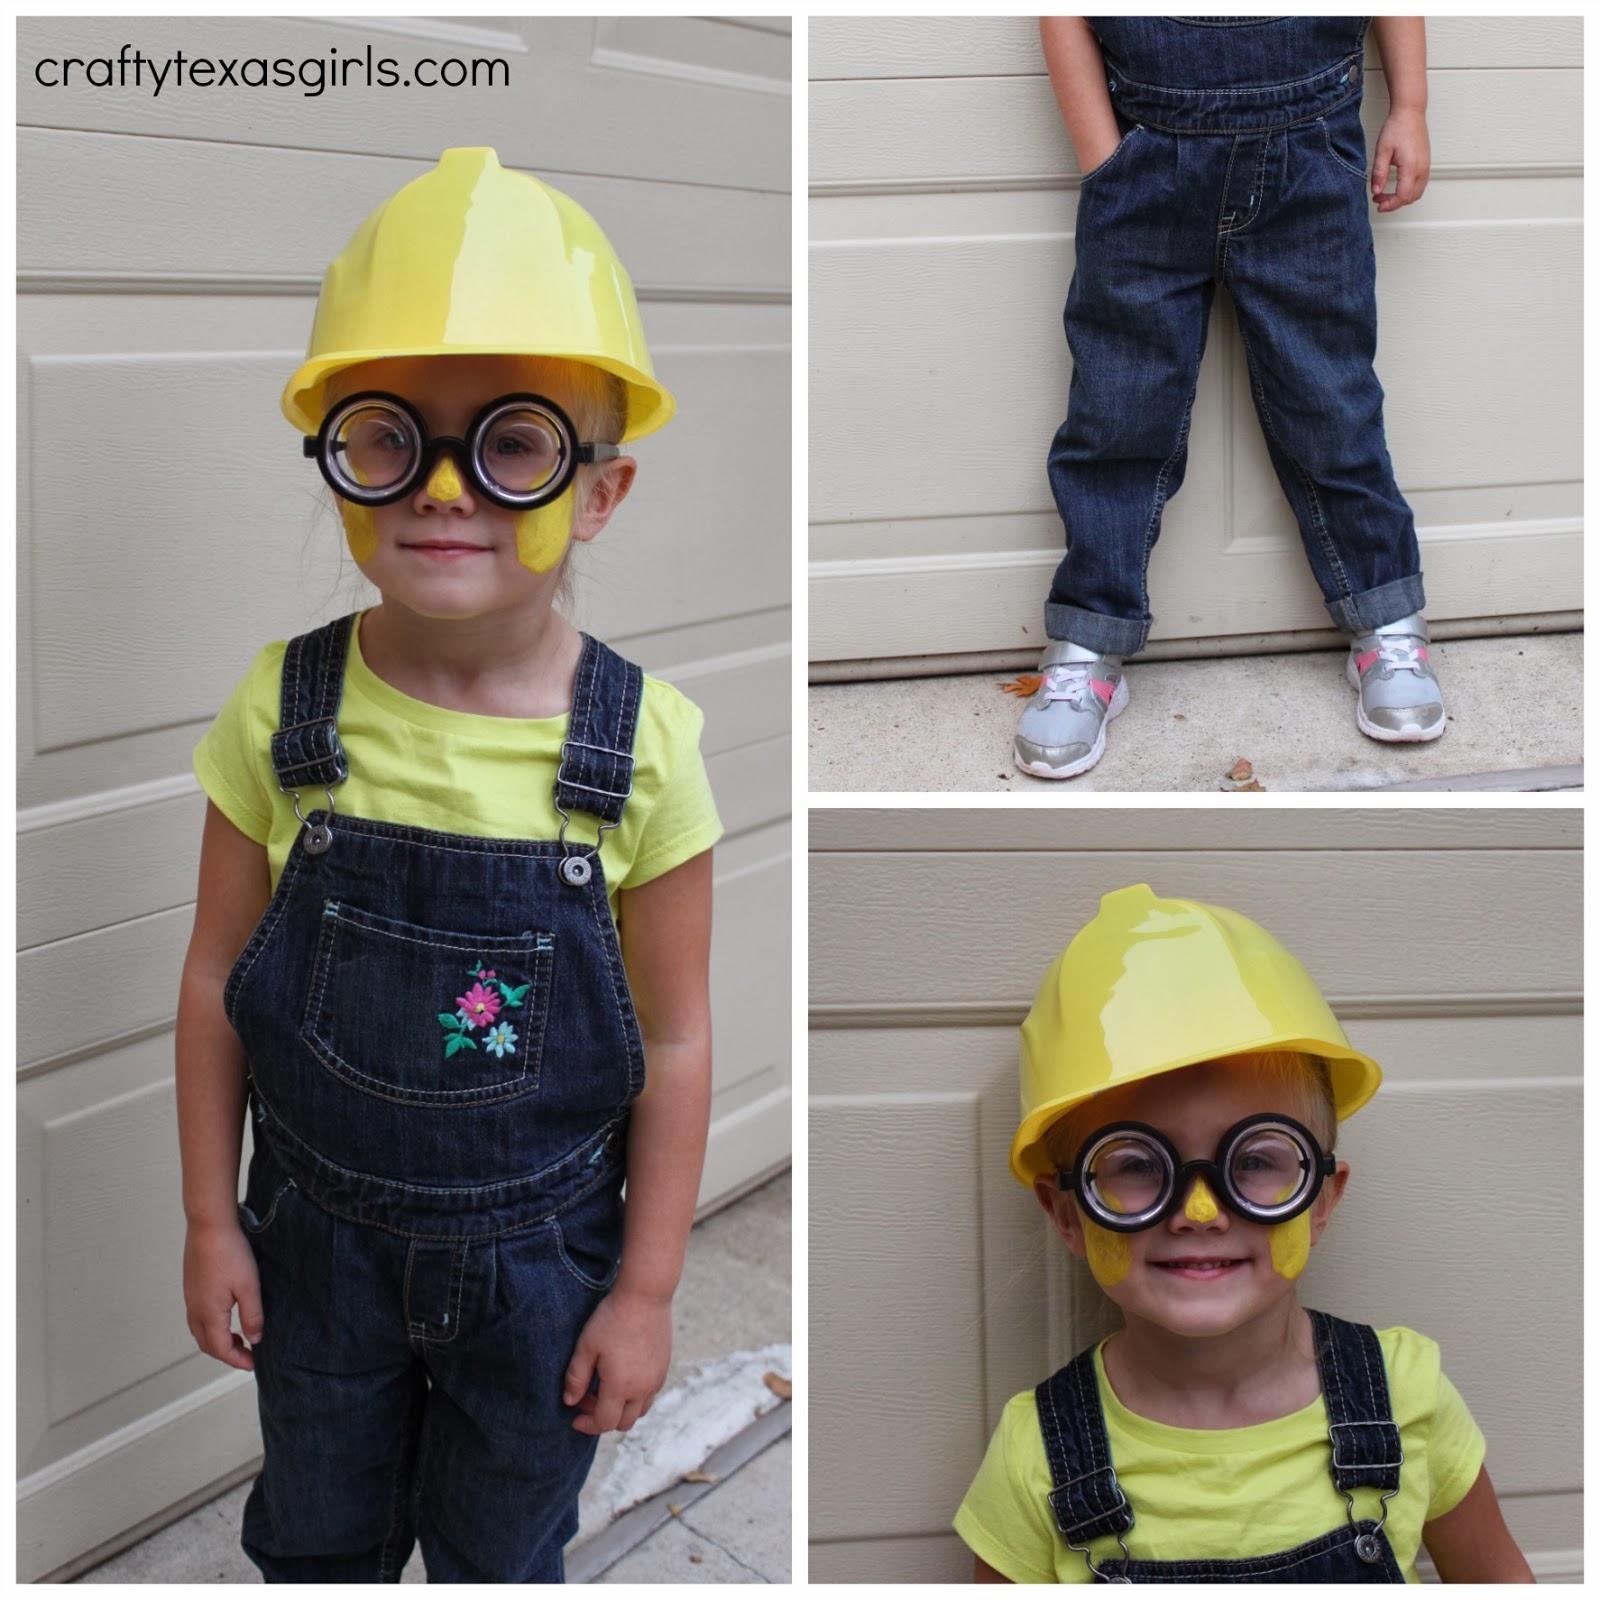 d12b82a4 Crafty Texas Girls: DIY Minion Costume